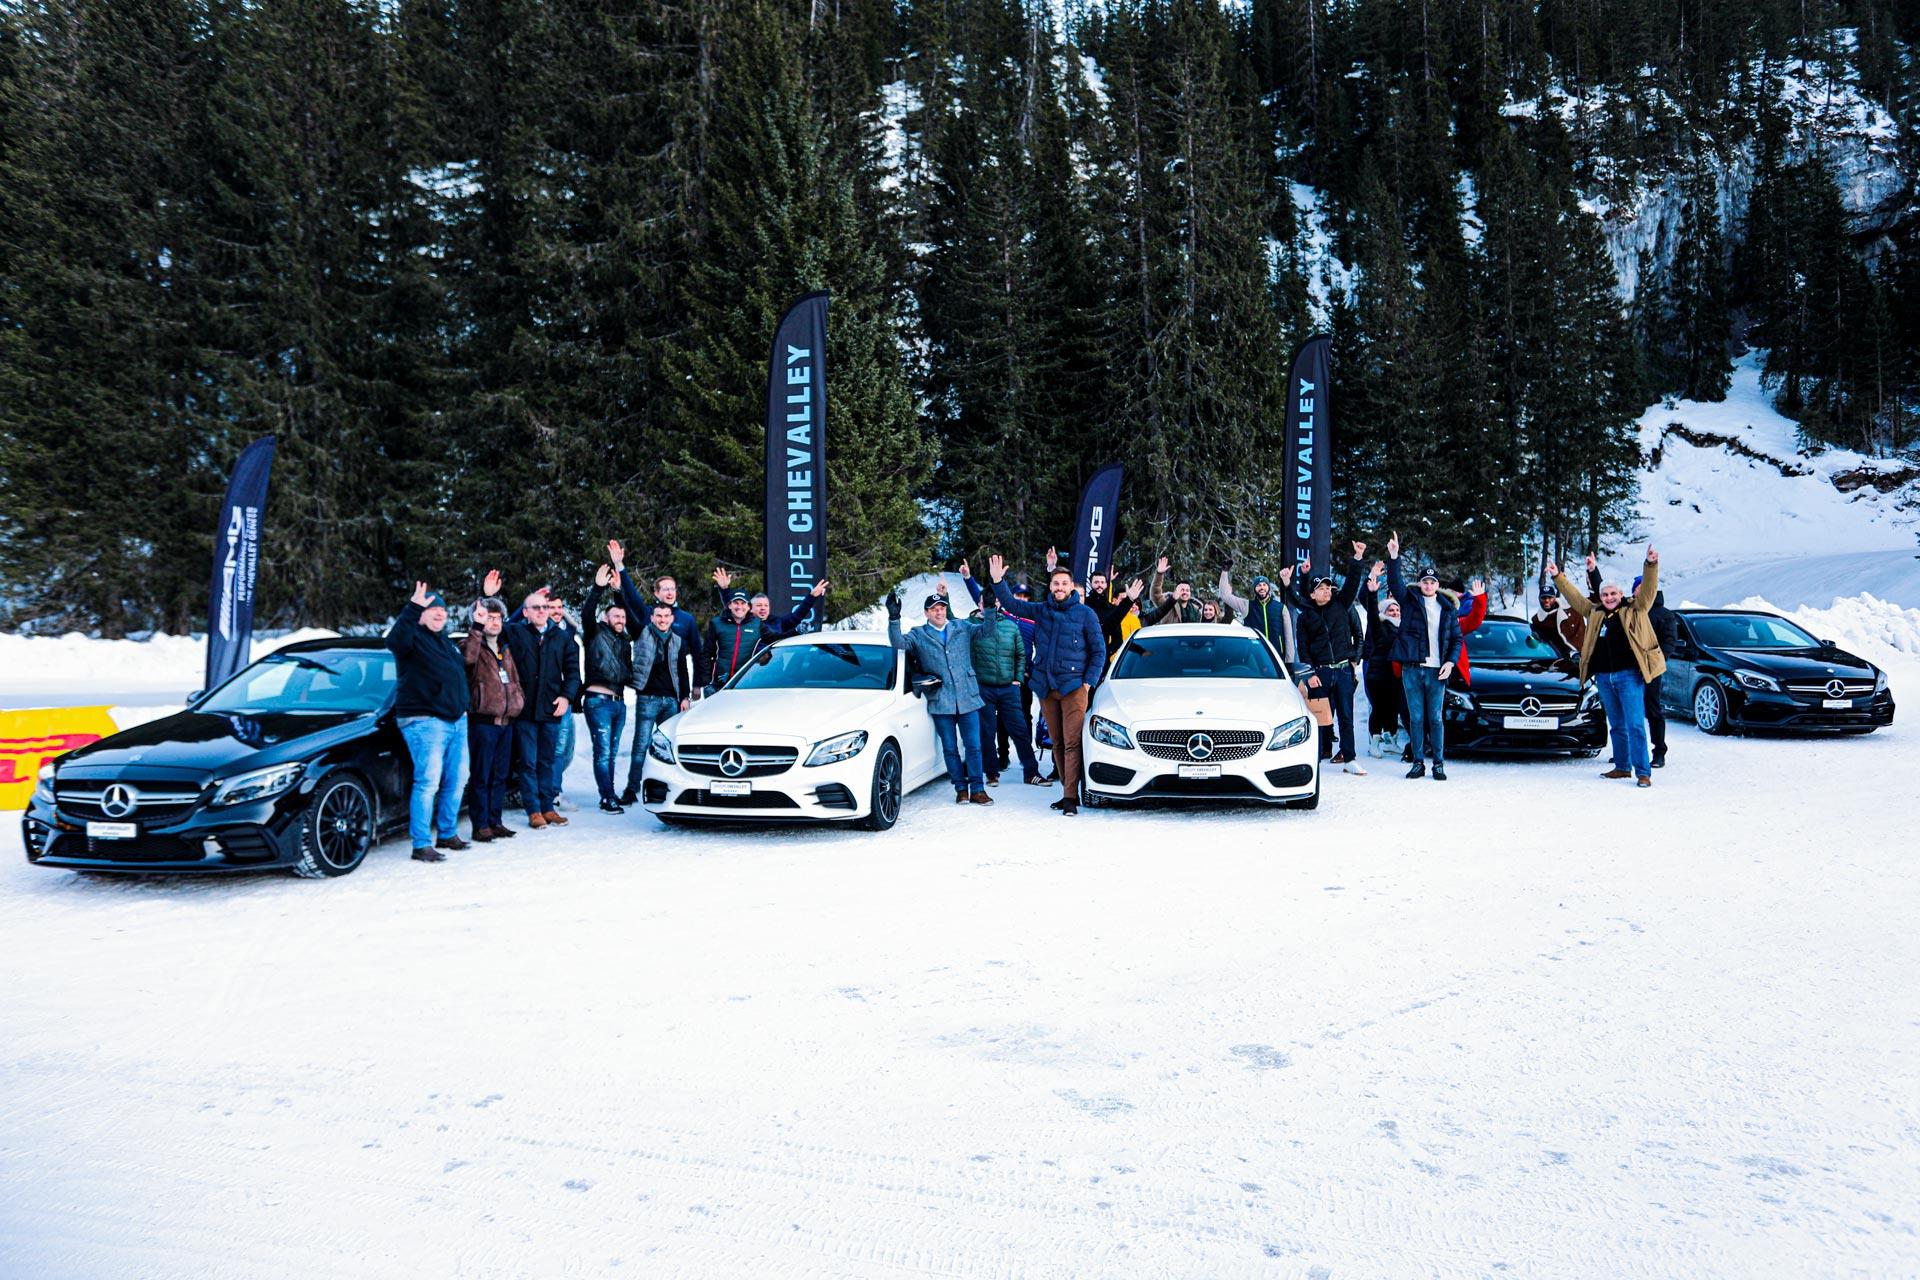 Mercedes Winter Driving Event 2020 - Circuit Glace de Flaine